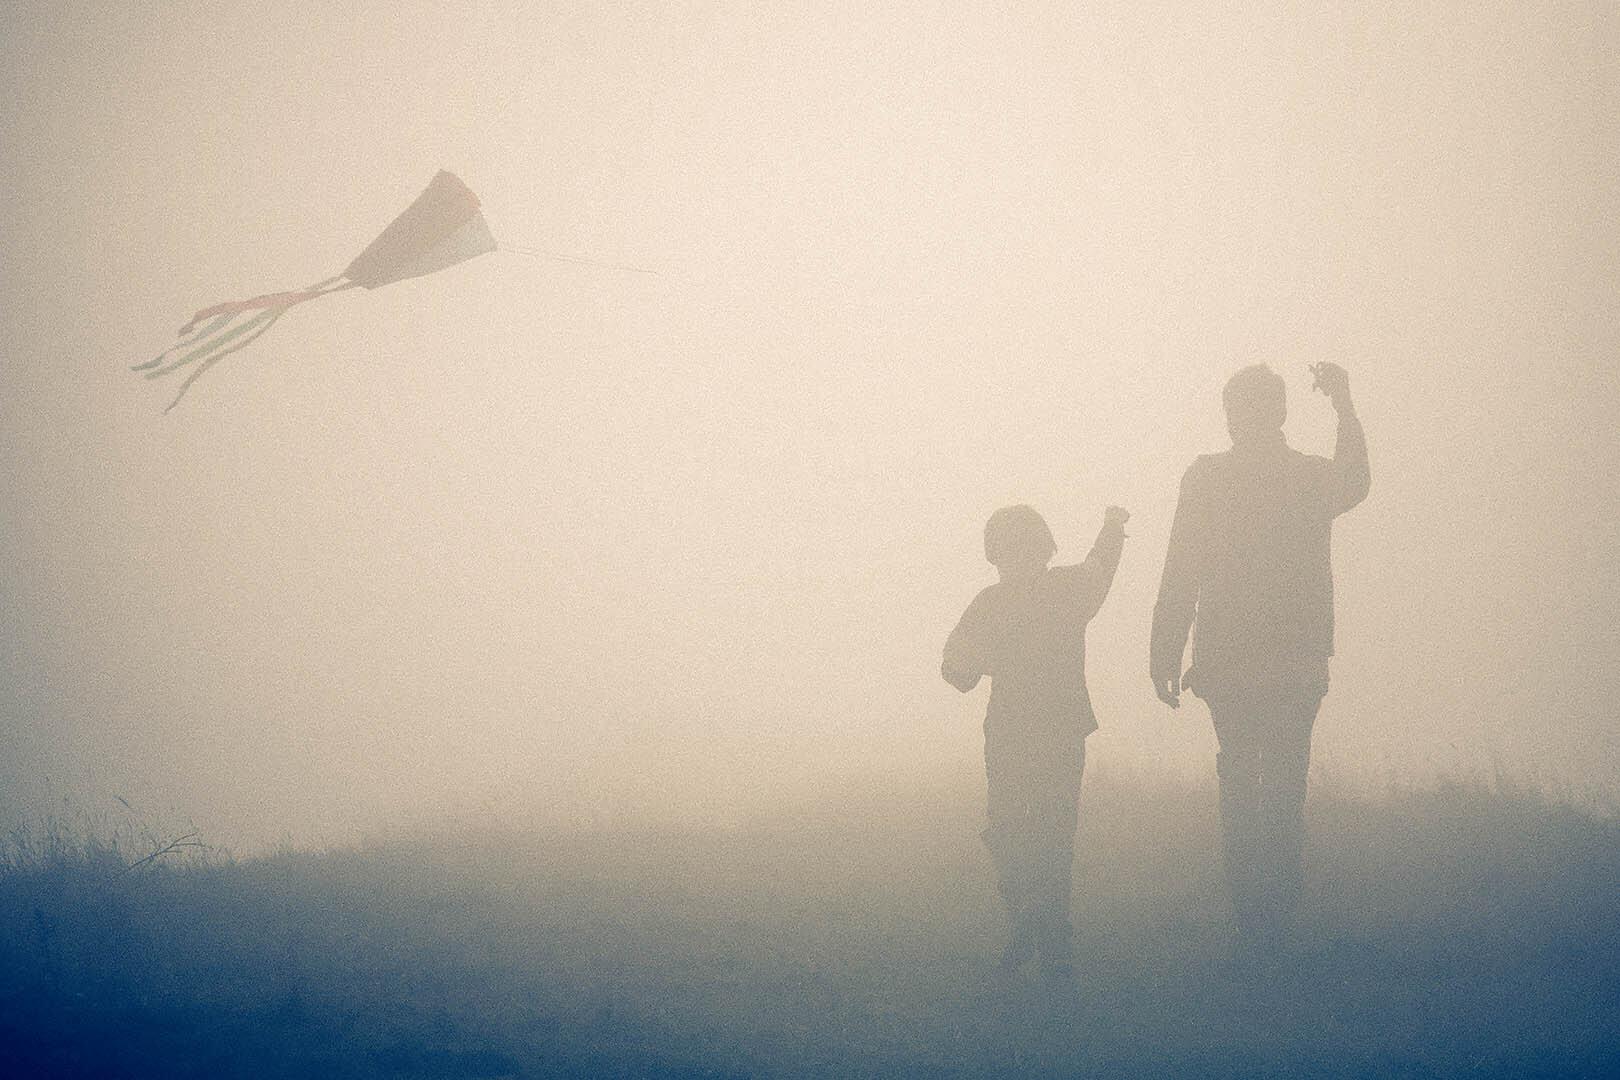 Kite Flying In Fog